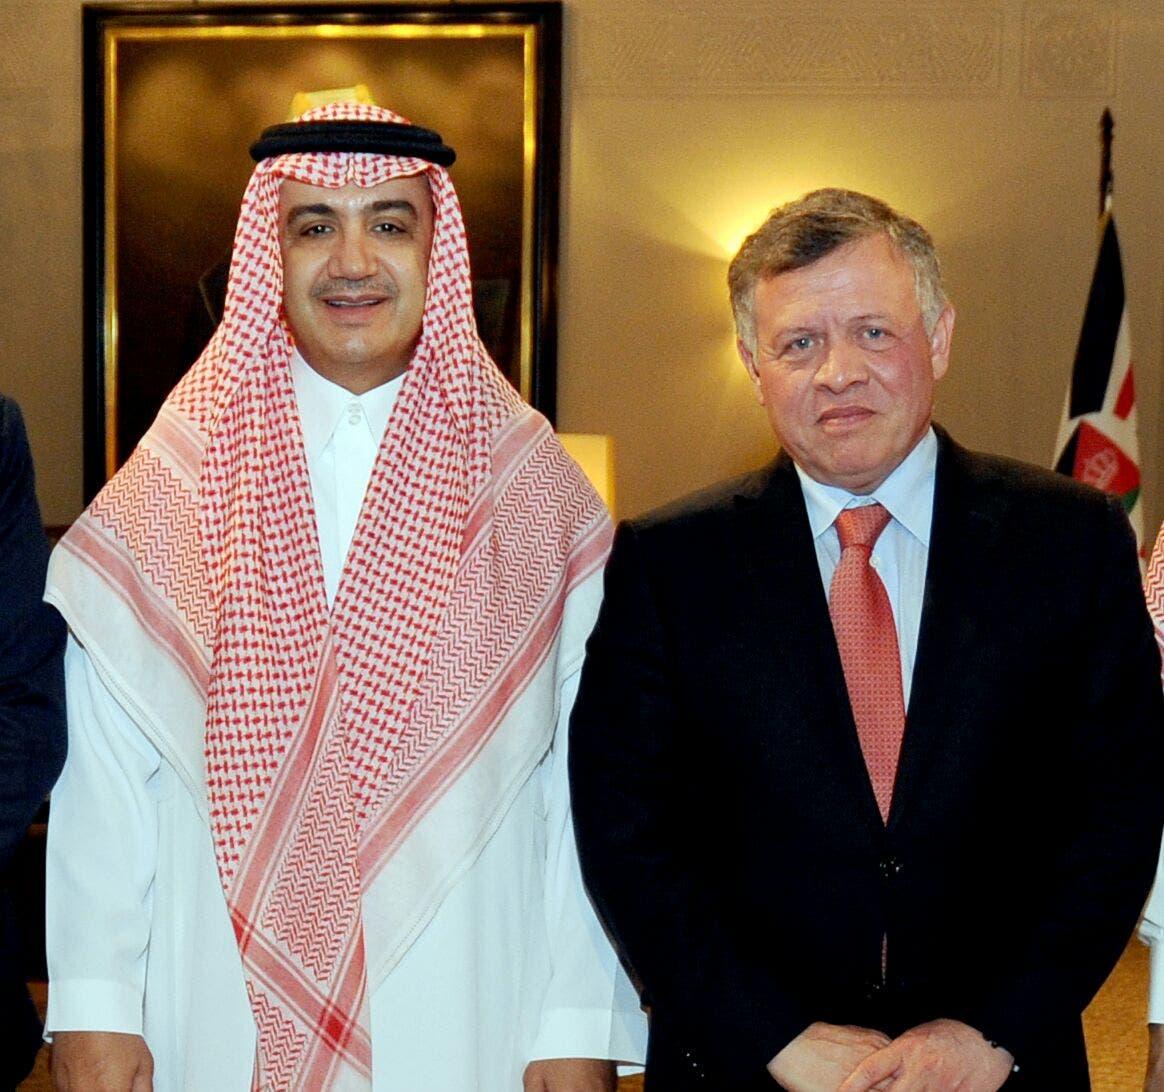 الملك عبد الله الثاني مع الشيخ وليد آل ابراهيم